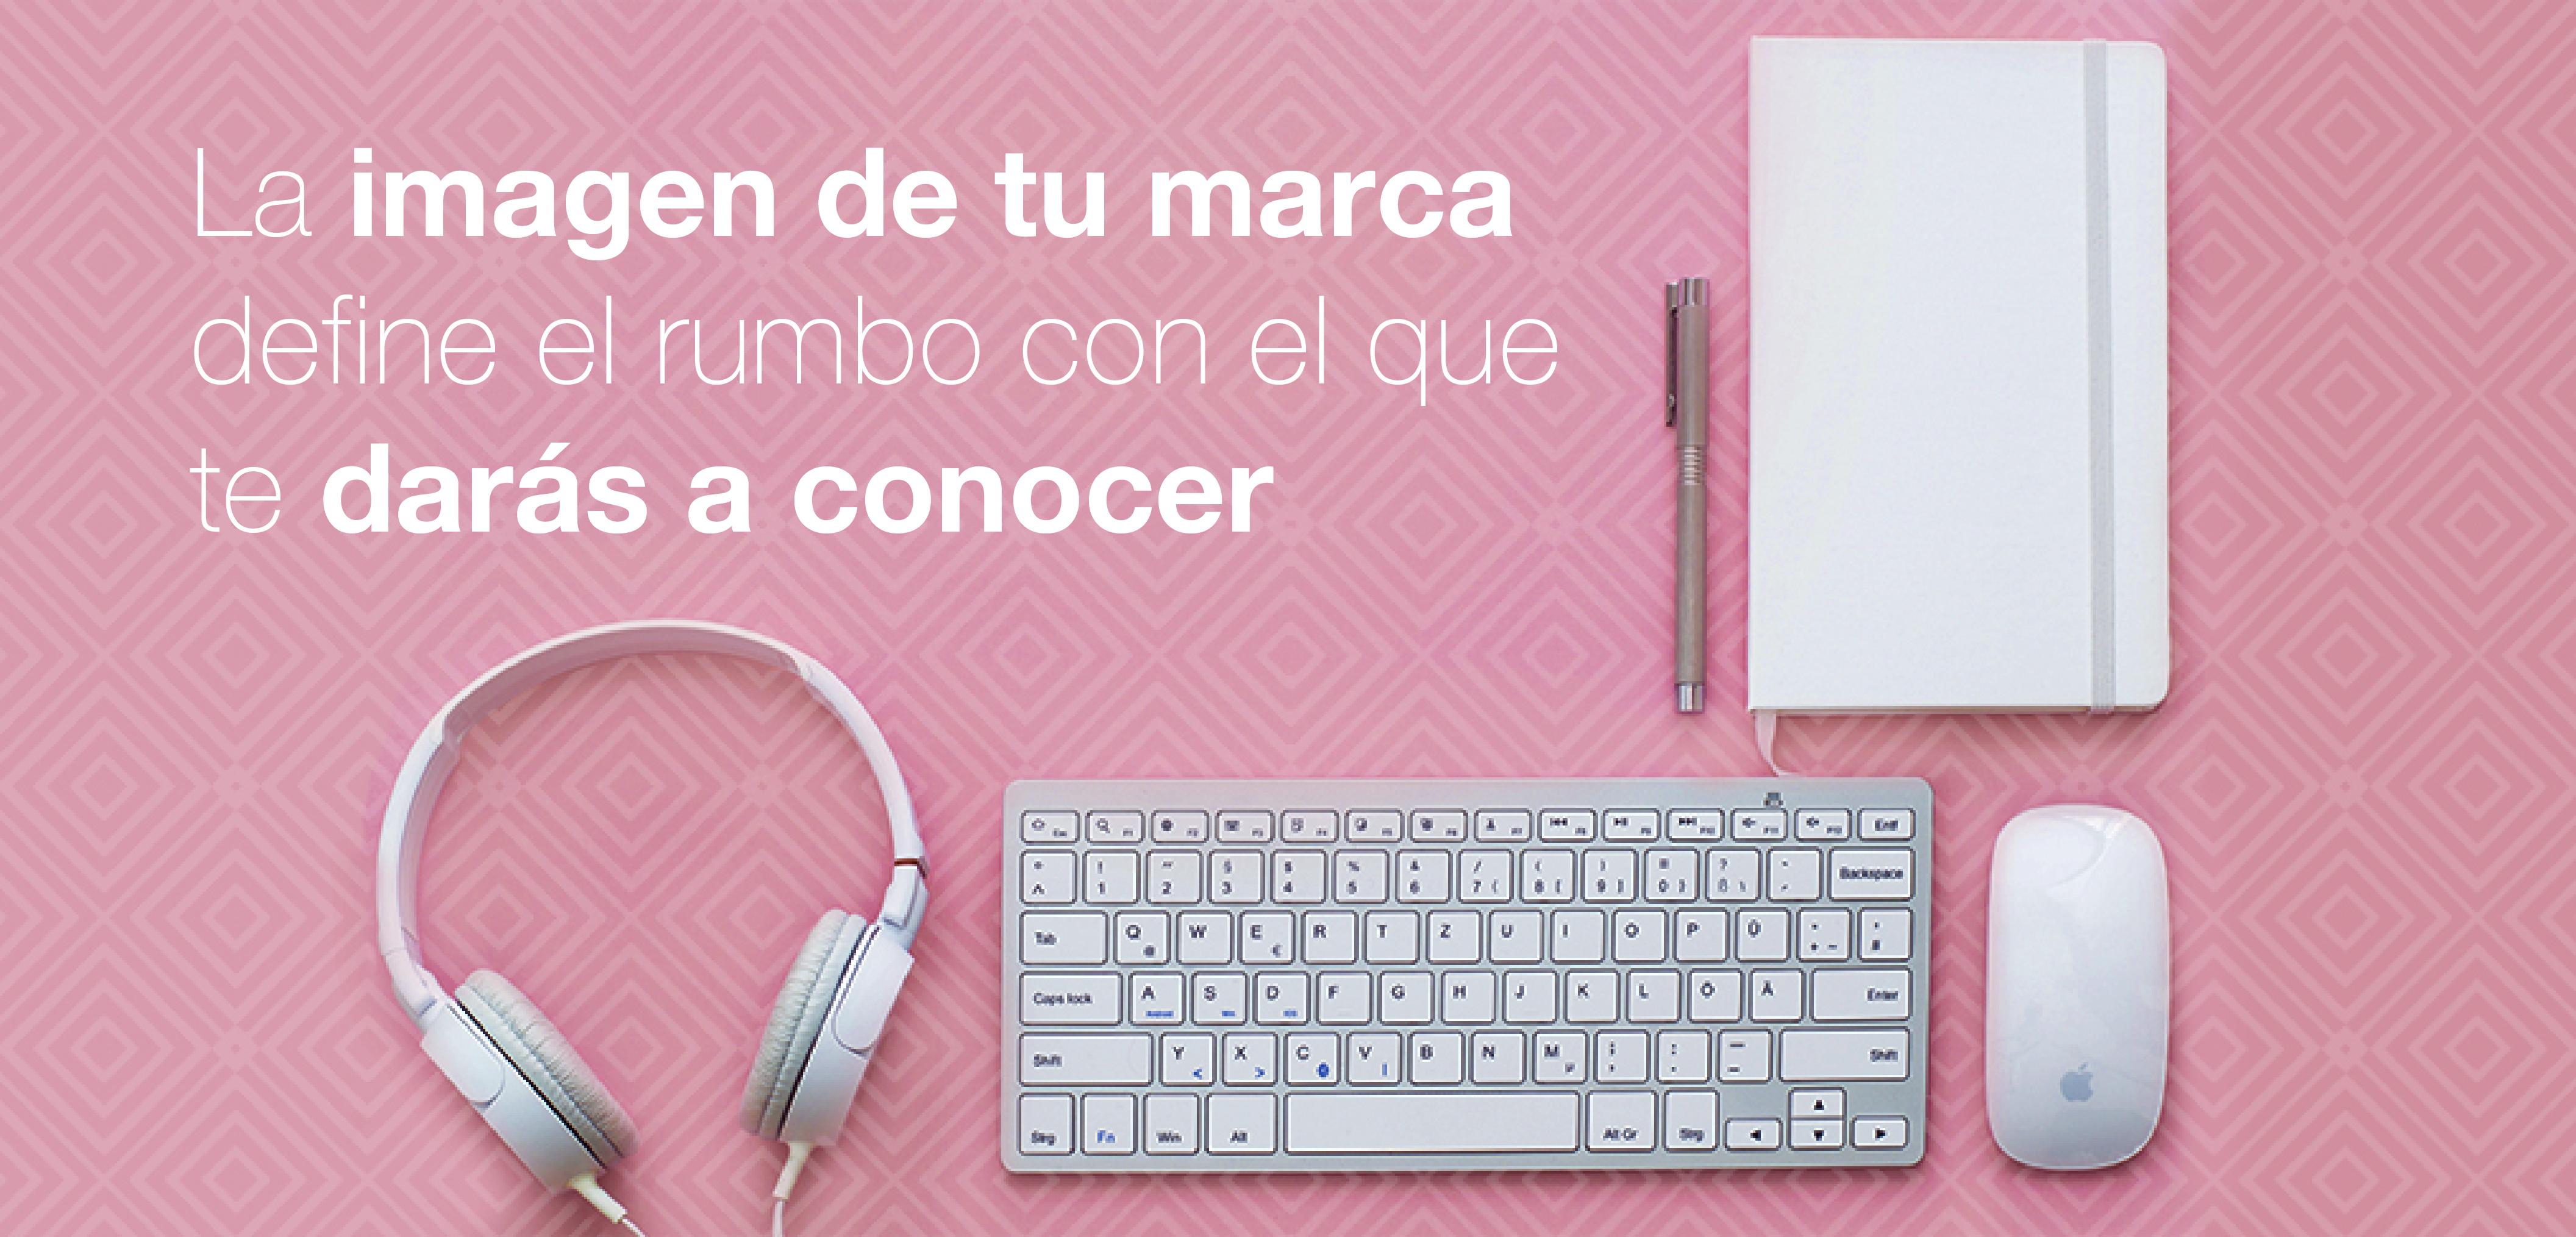 Páginas Web_Publicidad